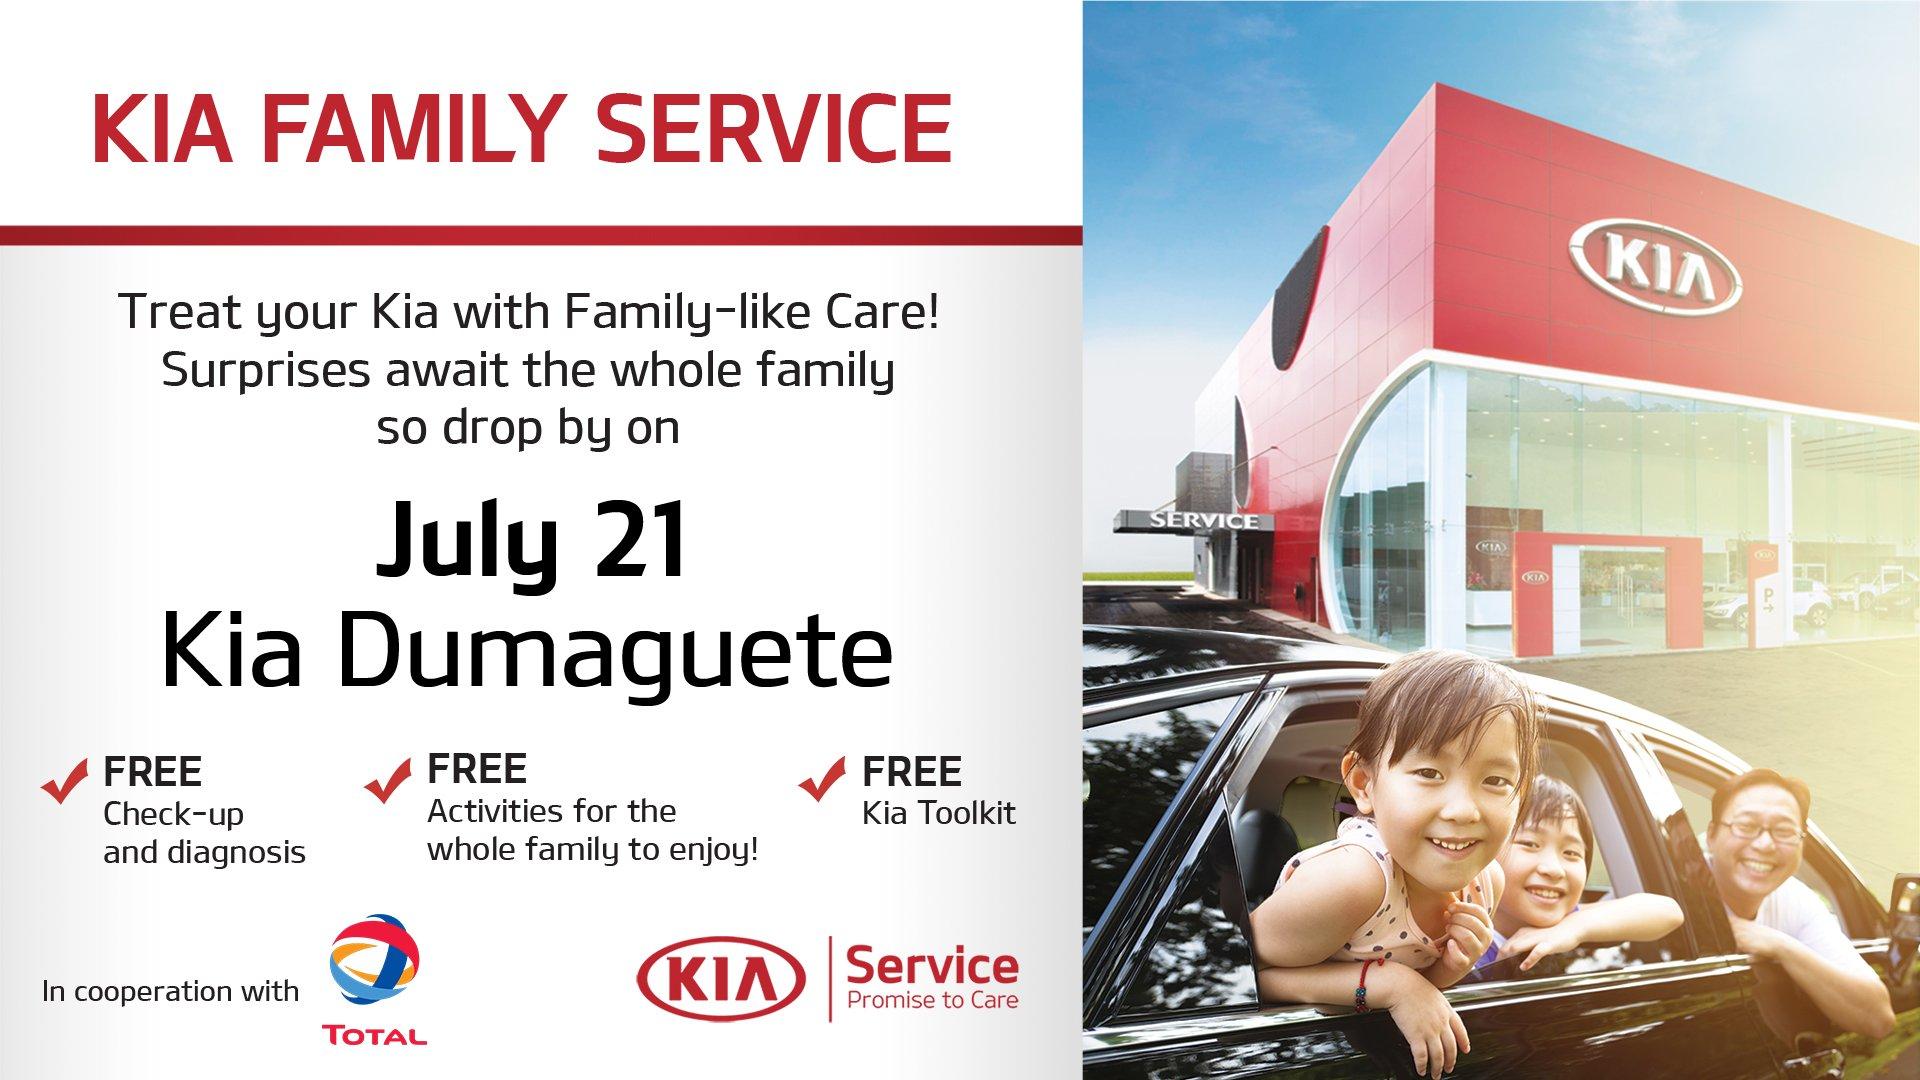 Kia Family Service Drive To Surprise Takes Stopover To Dumaguete